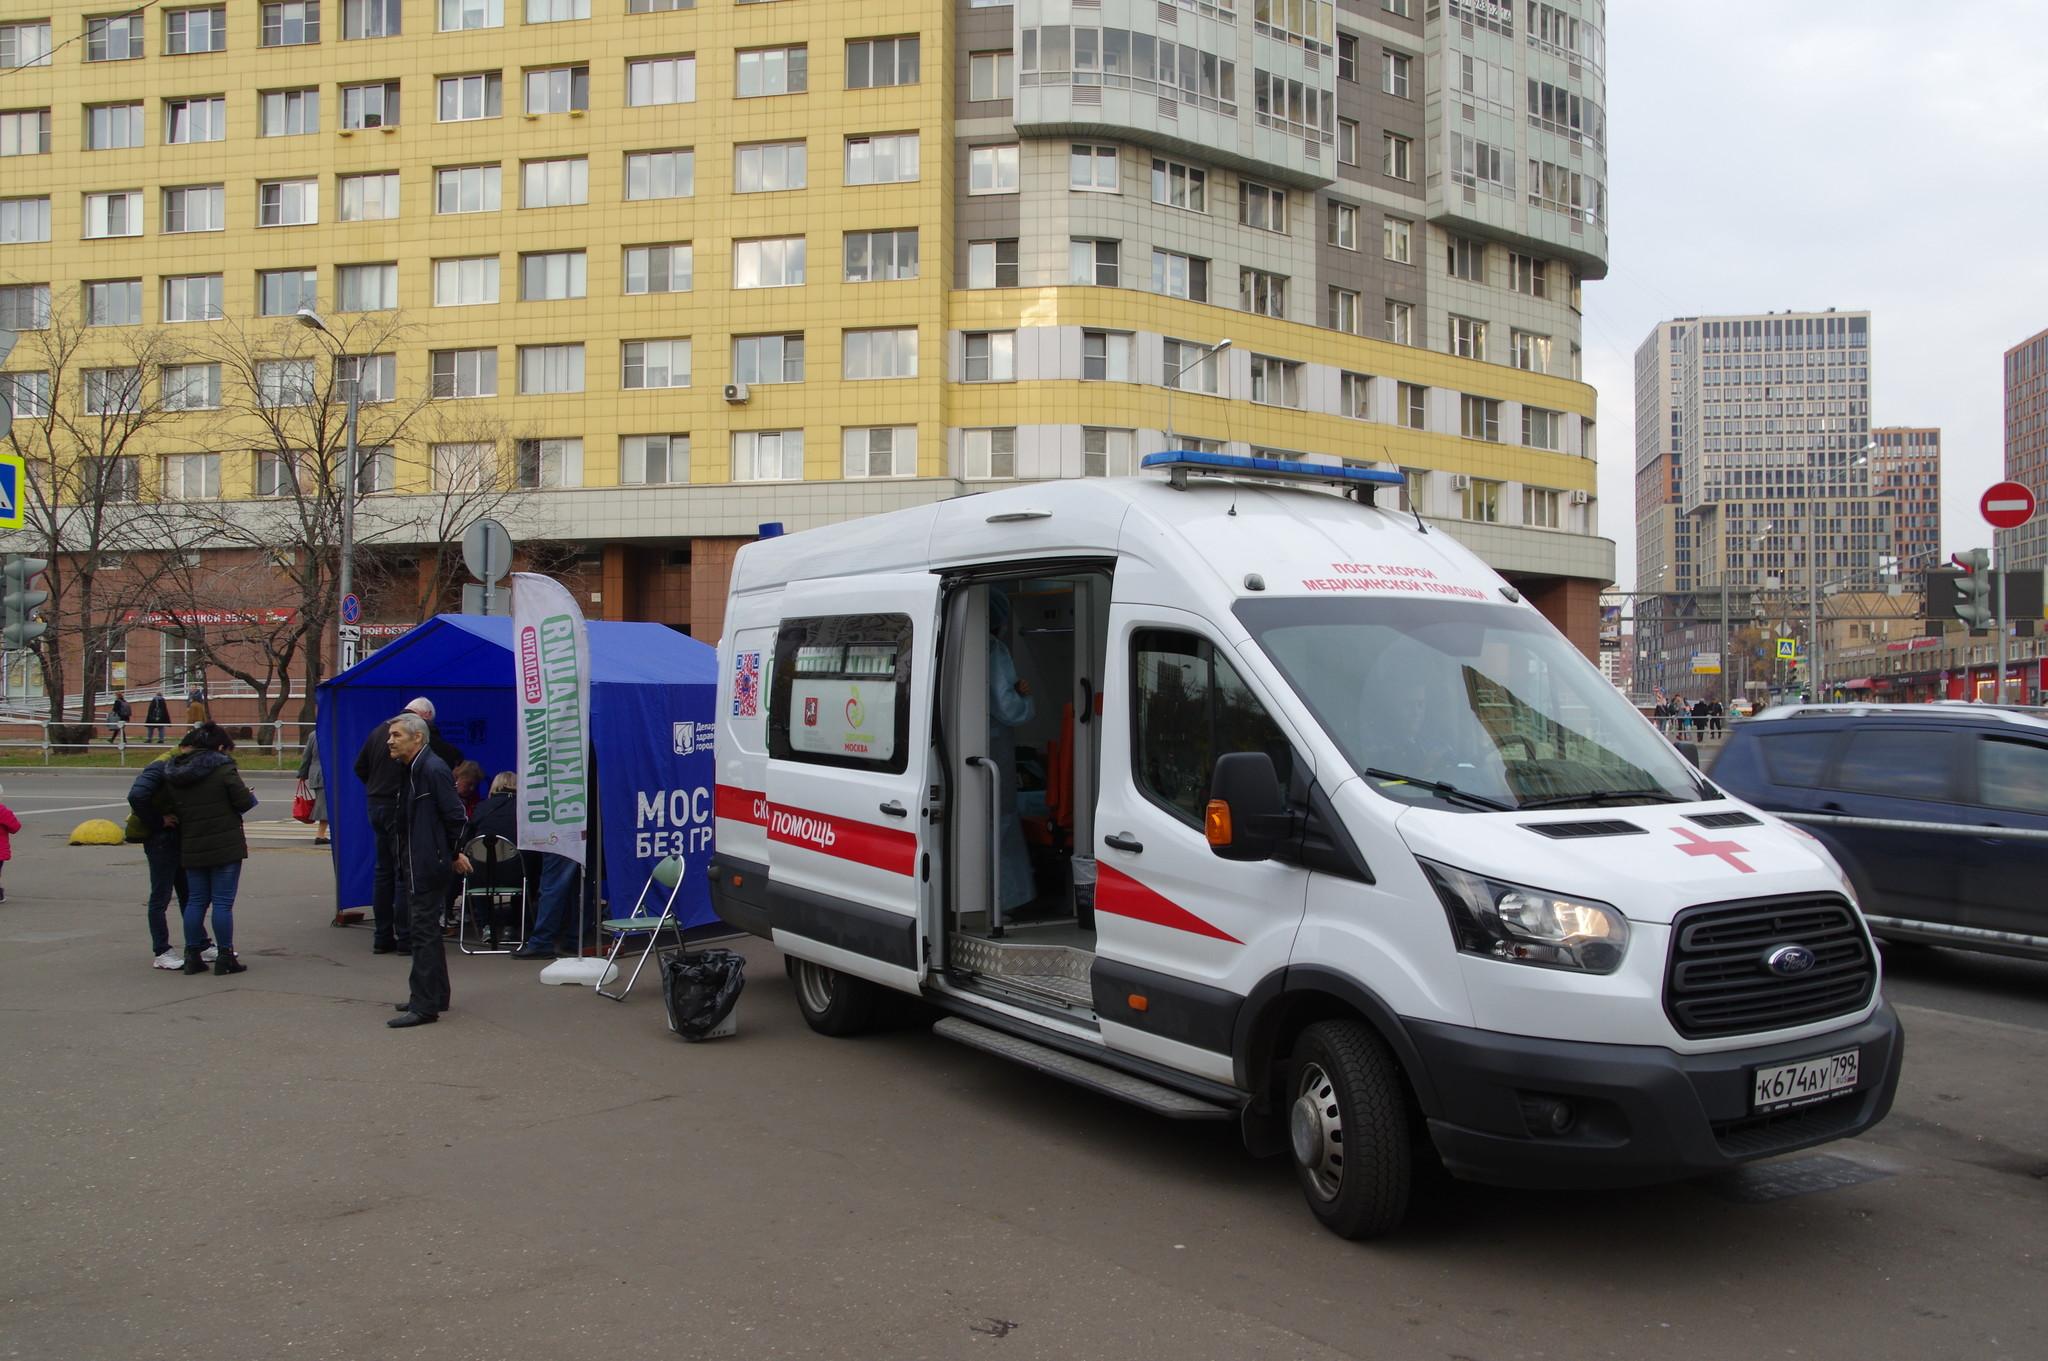 Мобильный пункт вакцинации против гриппа у станции «Молодёжная» Арбатско-Покровской линии Московского метрополитена